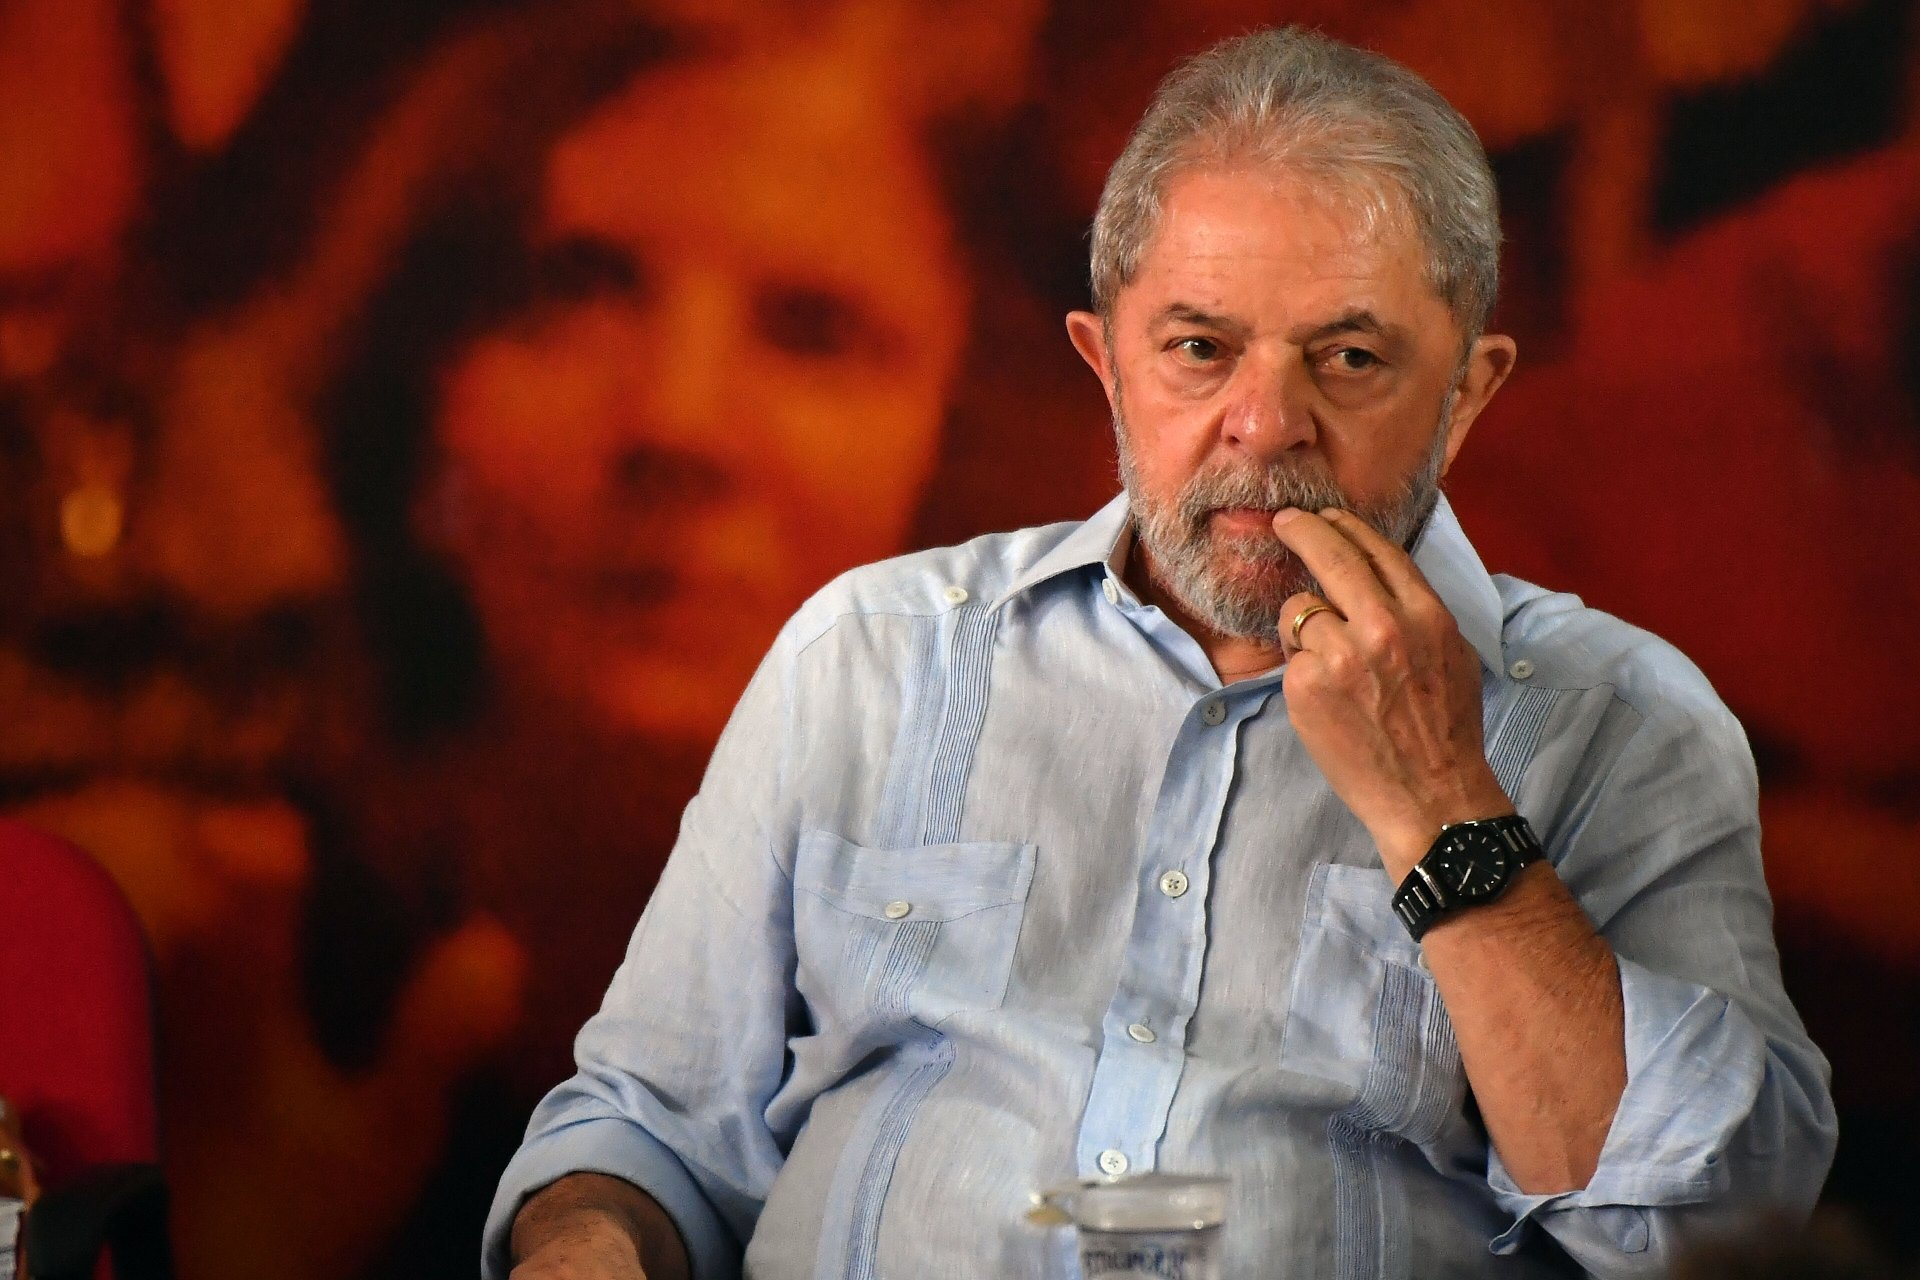 STJ julgará habeas corpus contra prisão de Lula na quinta-feira